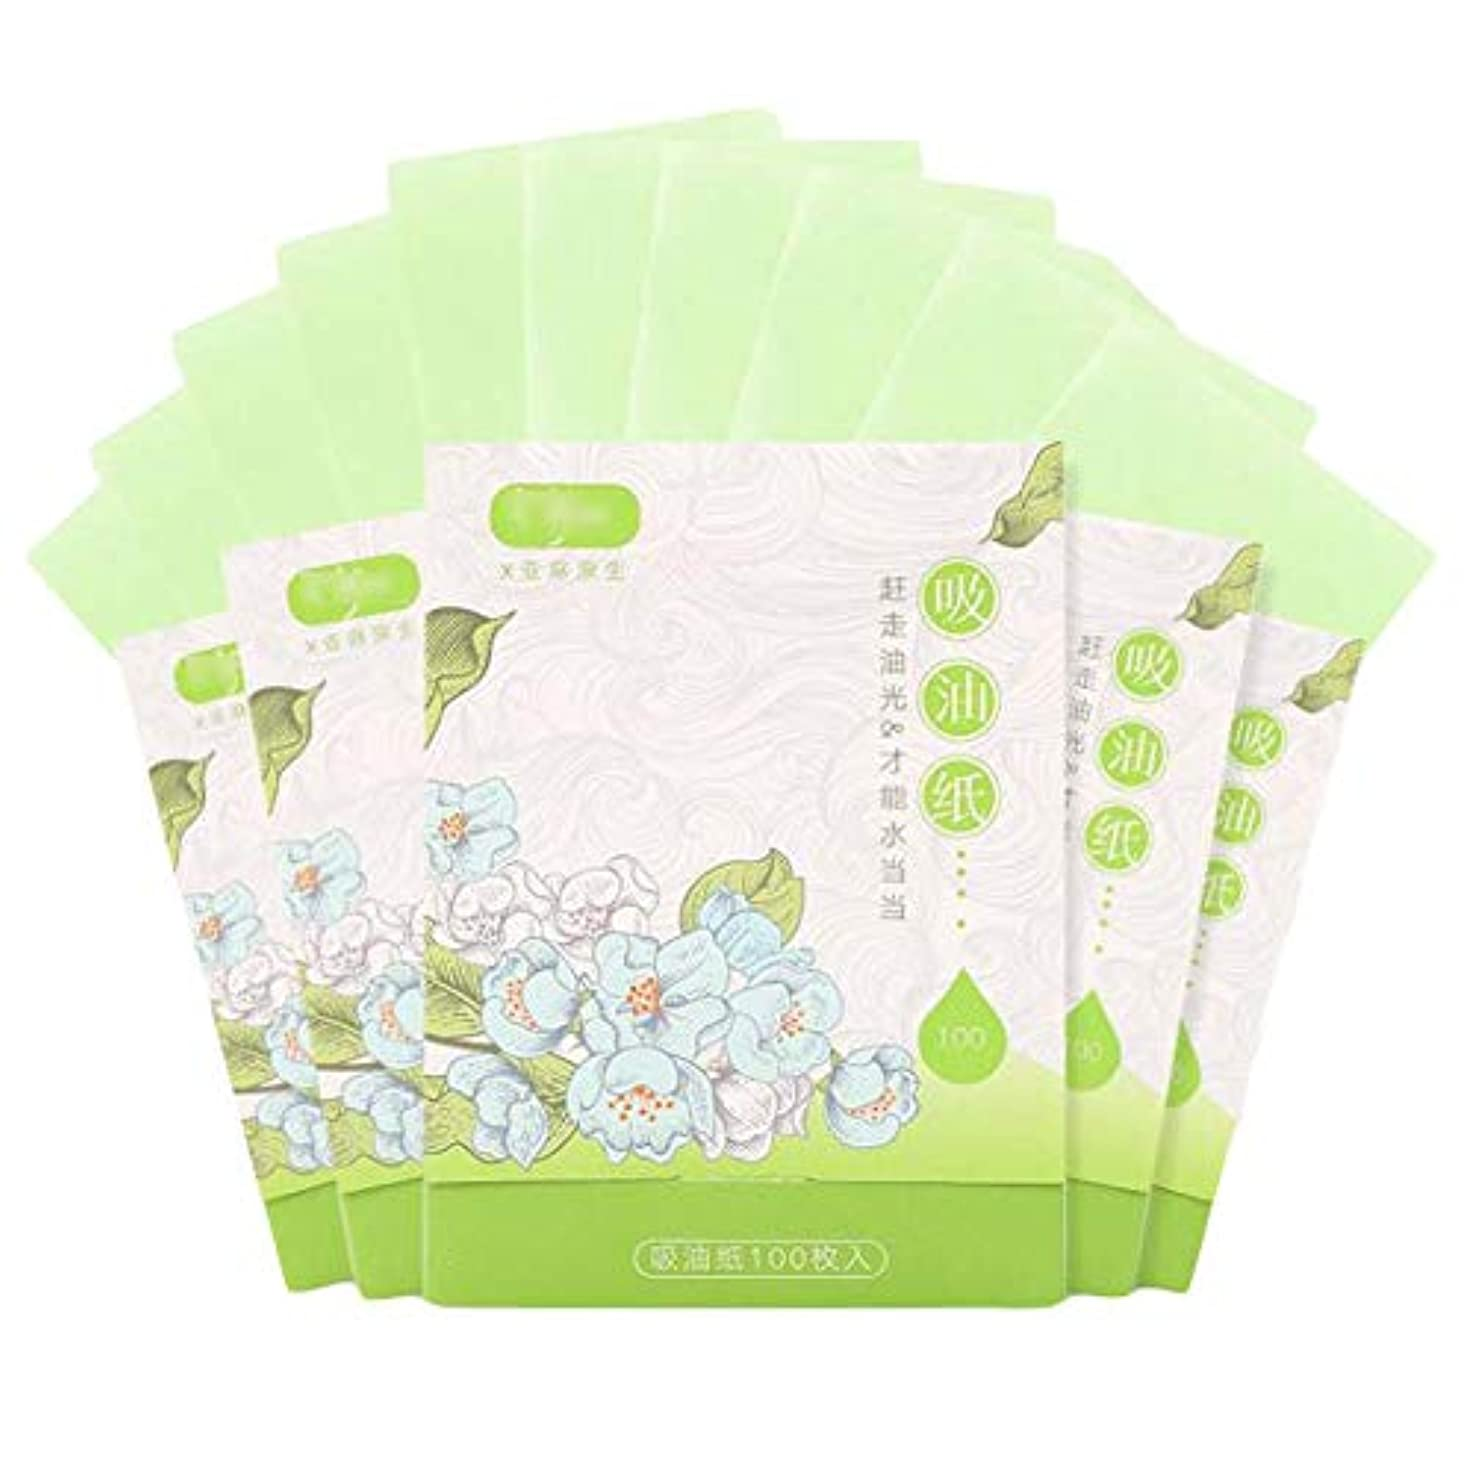 自動車洞察力公平な人および女性のための携帯用顔オイルブロッティング紙、緑500枚のシート